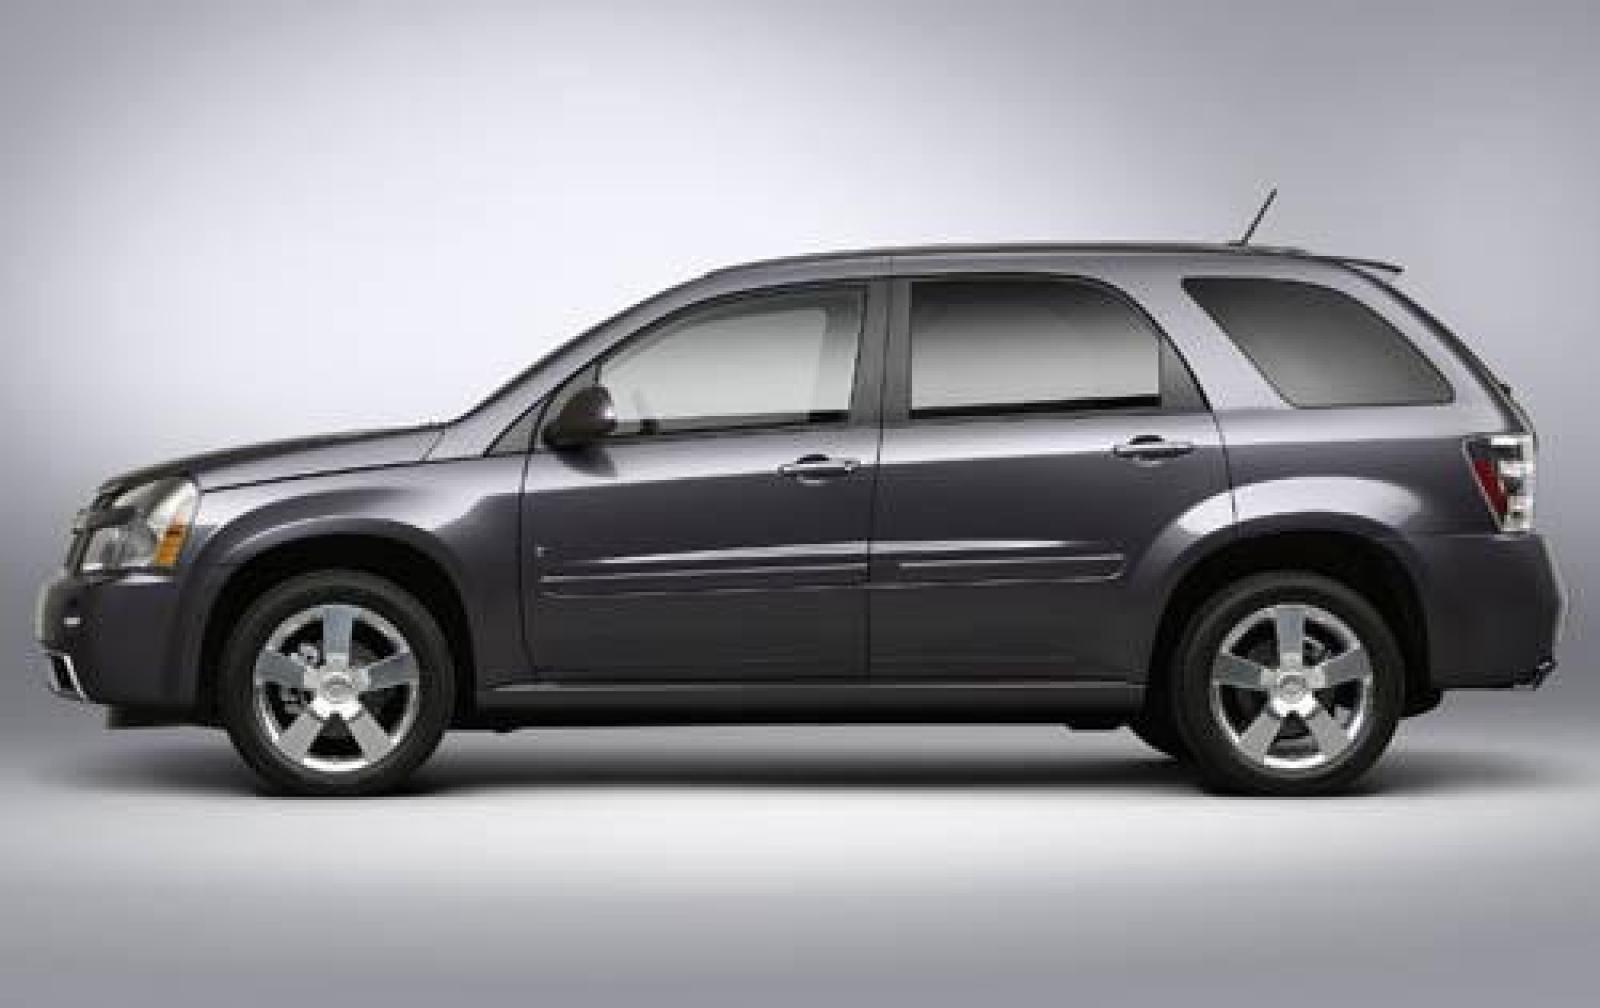 800 1024 1280 1600 Origin 2008 Chevrolet